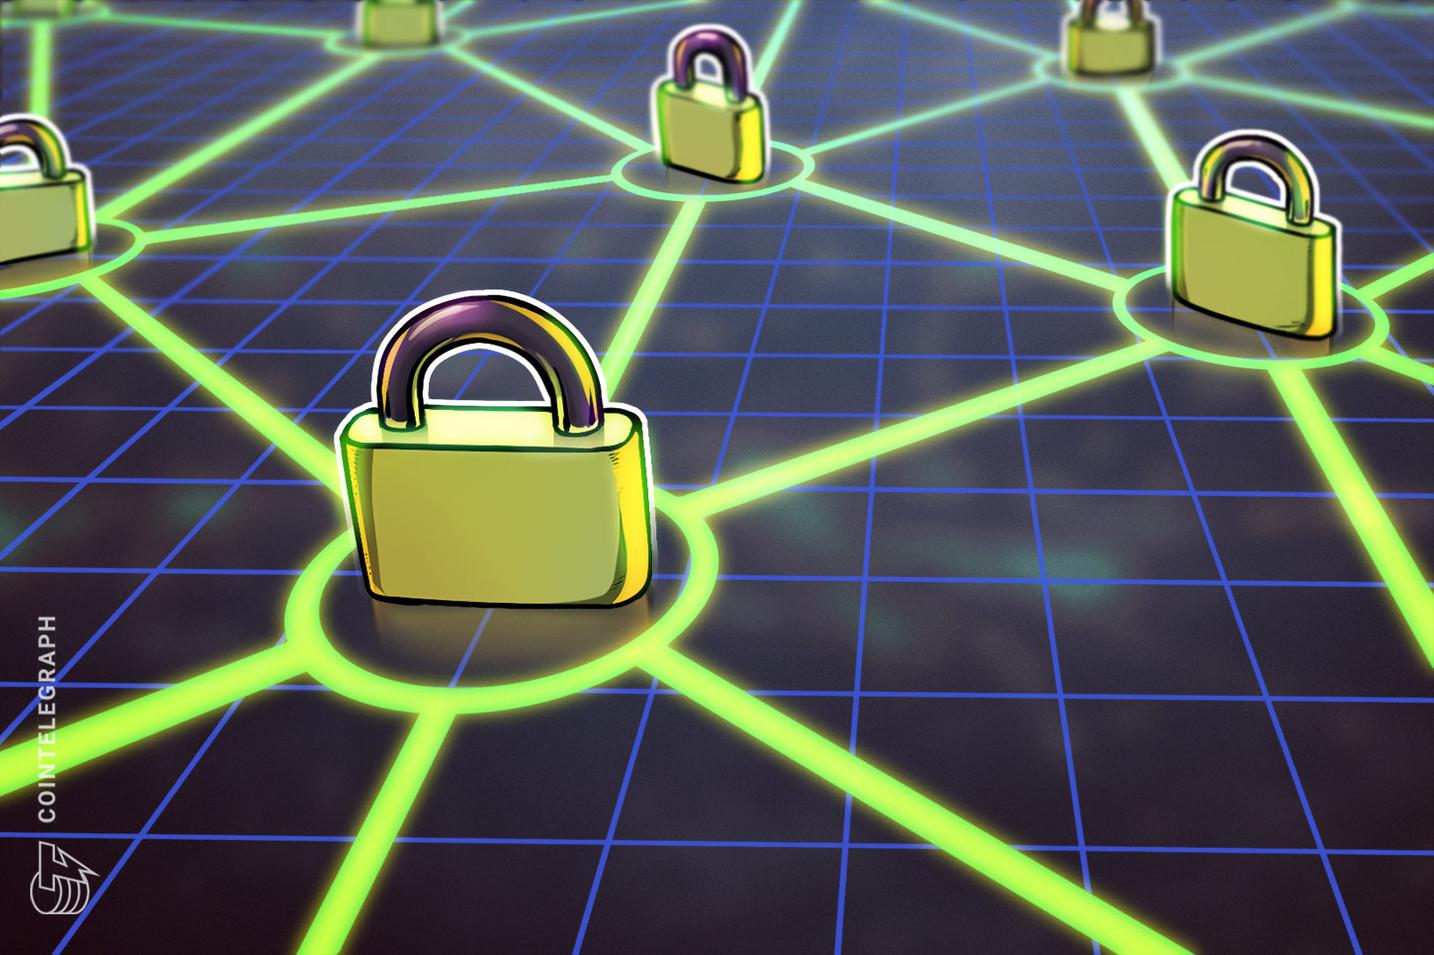 Gemini se somete a una auditoría de cumplimiento de seguridad y protección de datos